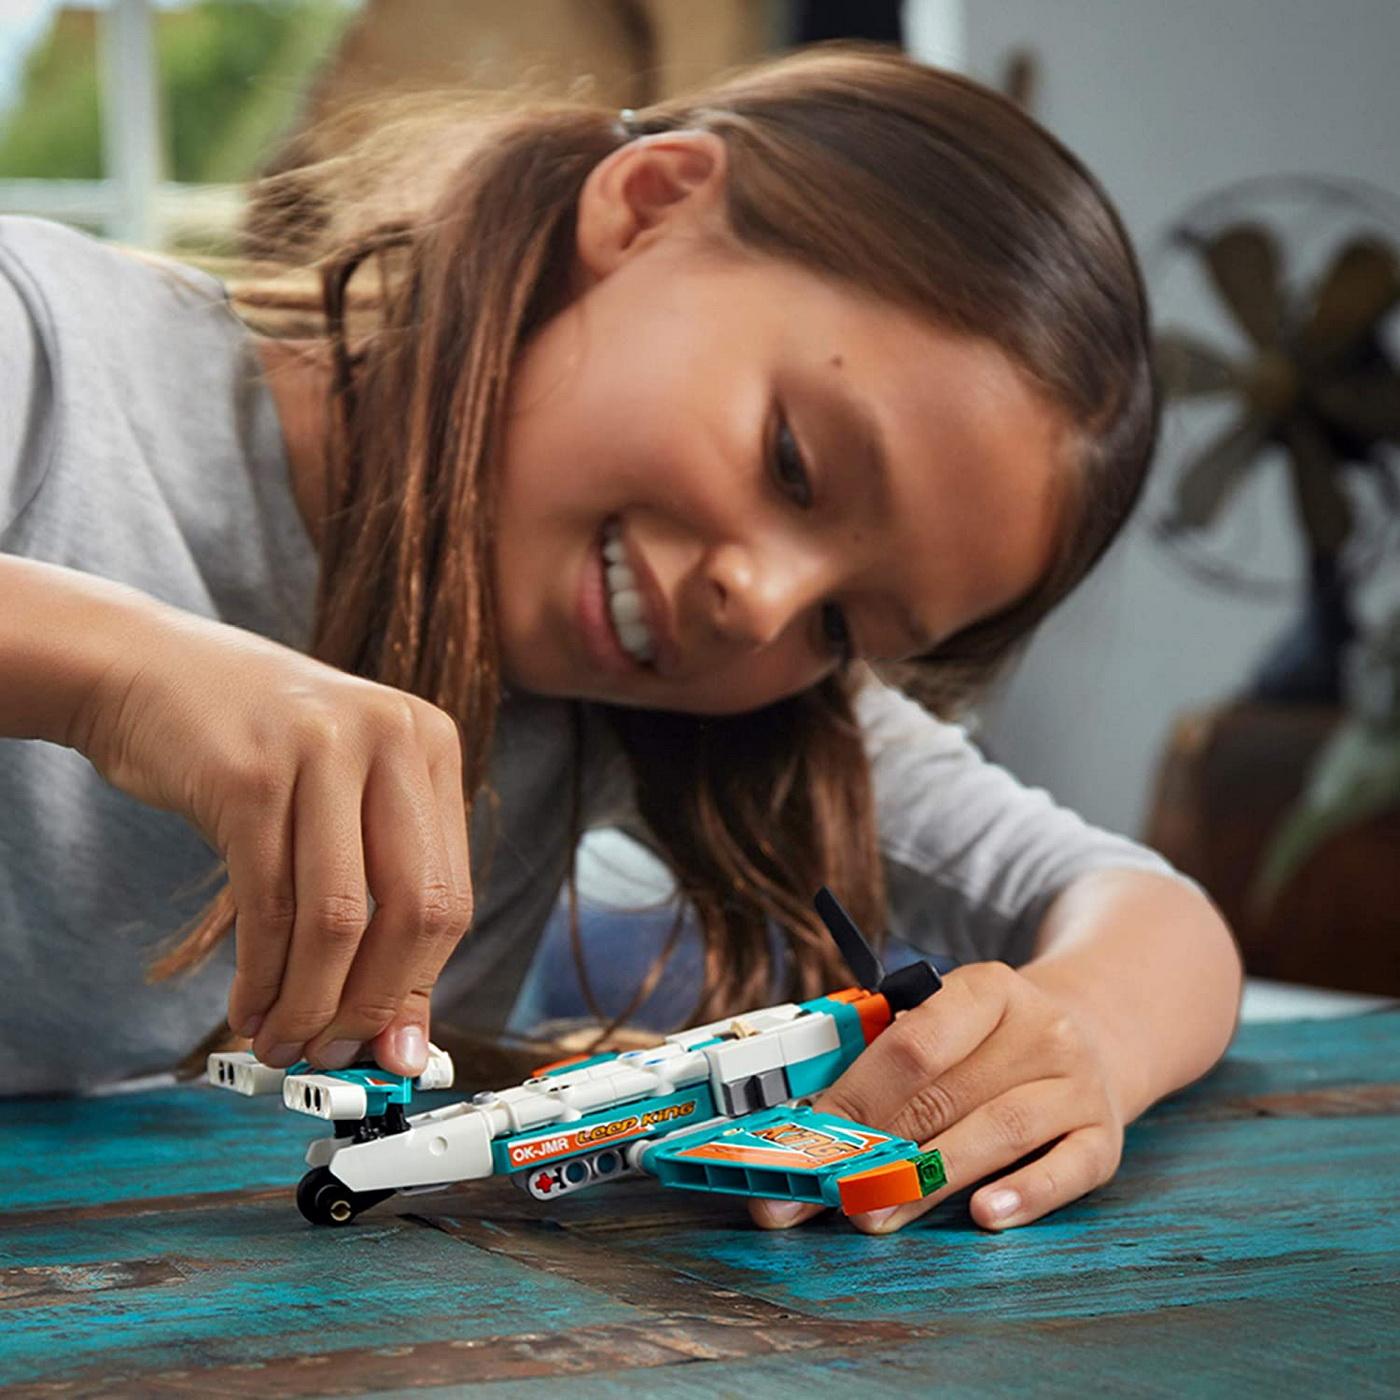 LEGO Technic - Race Plane (42117)   LEGO - 7